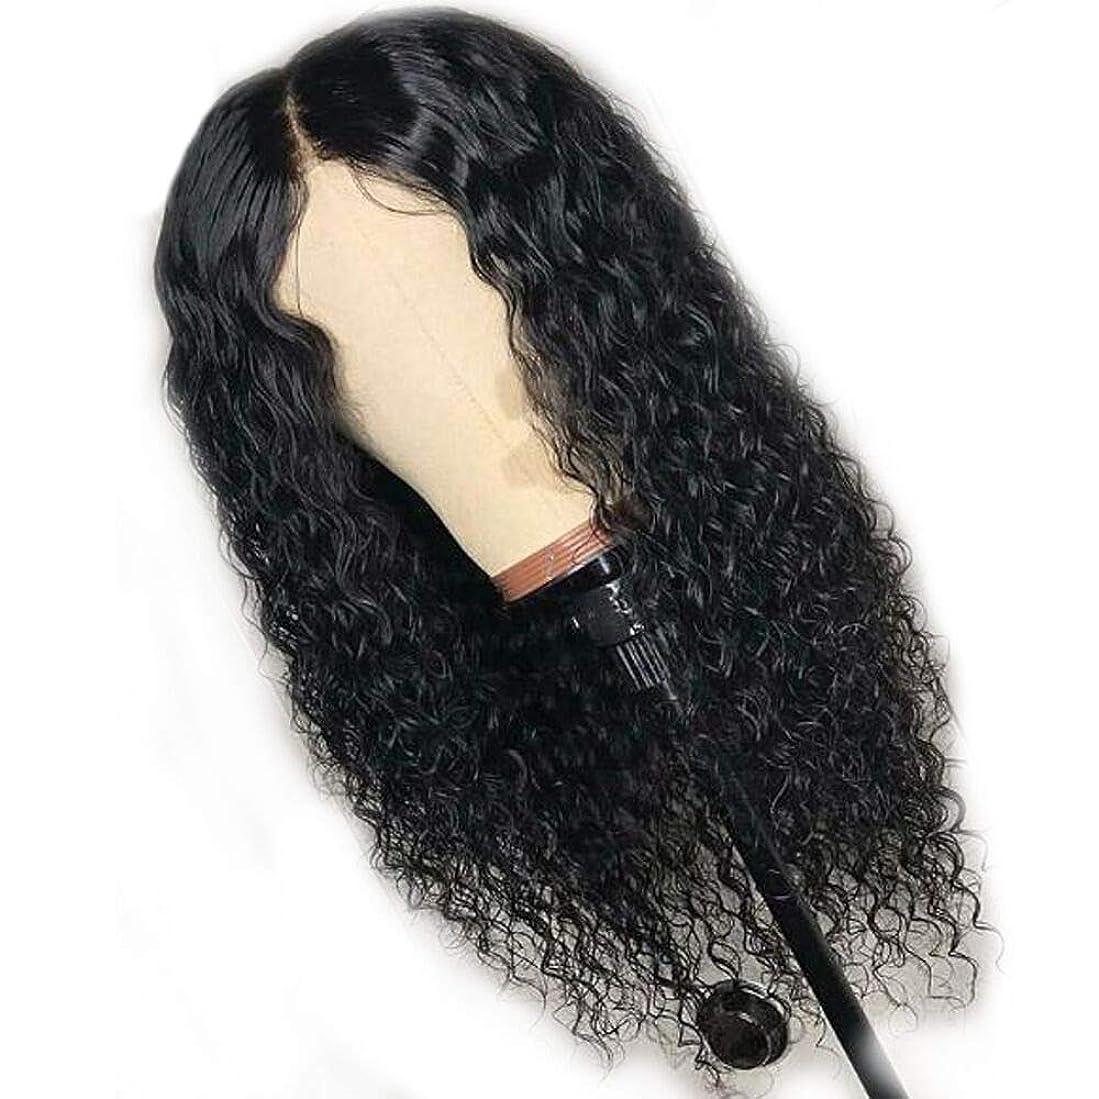 プランター吐く死すべきブラジルかつらレースカーリー合成かつらで赤ん坊の毛高品質かつら用女性耐熱ファイバーローズヘアネット56 cm